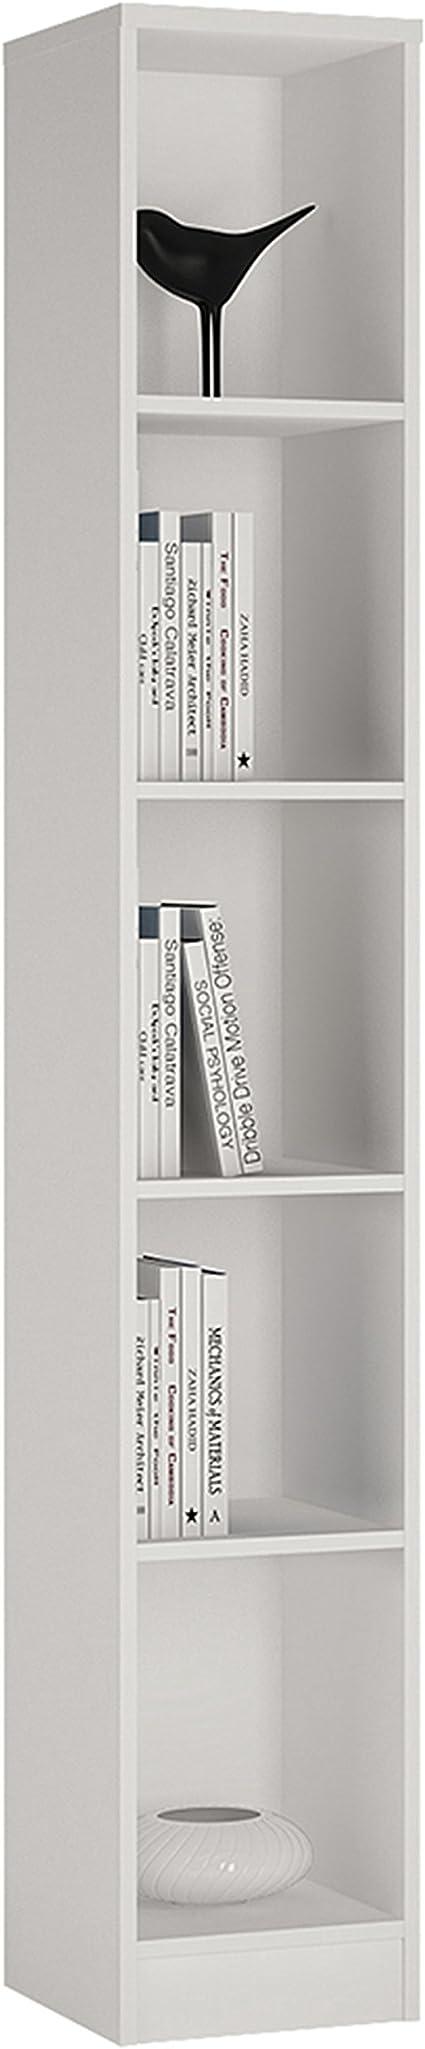 P&N Homewares Crescita - Estantería Estrecha en Color Blanco para salón, Muebles, 30 cm de Ancho